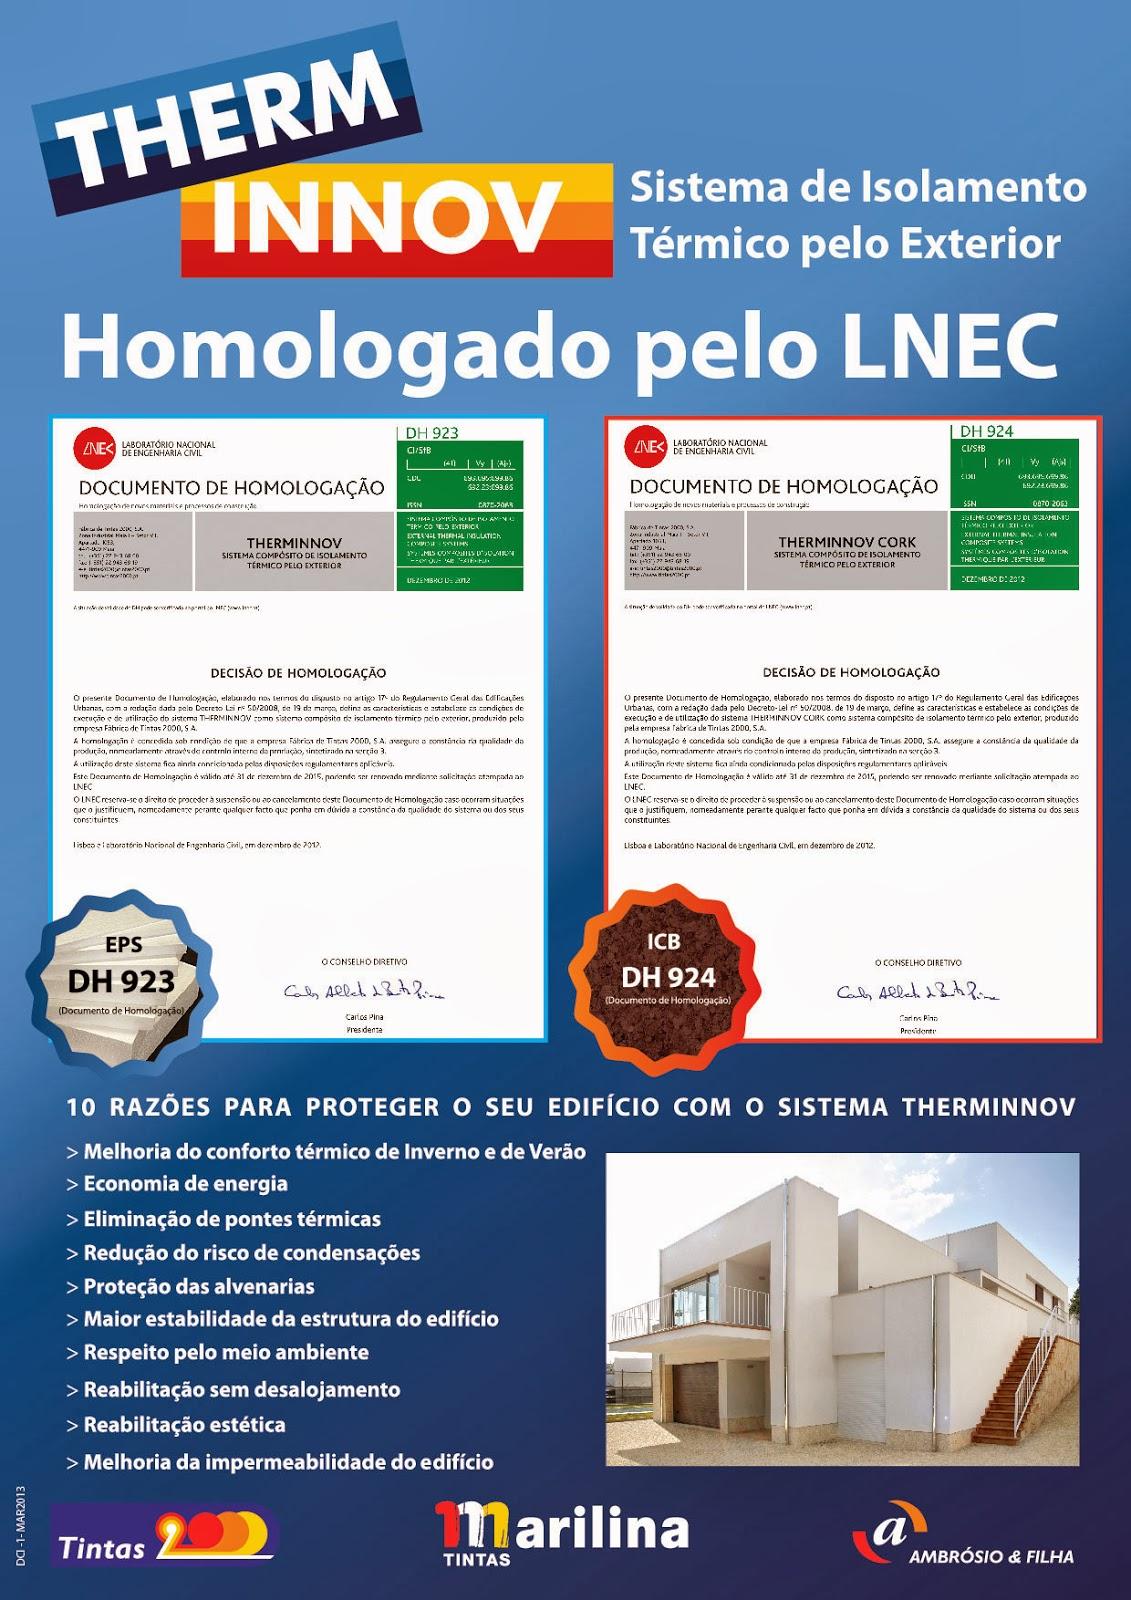 48584244a2eab -Respeito pelo meio ambiente  -Reabilitação sem desalojamento   -Reabilitação estética  -Melhoria da impermeabilidade do edifício.